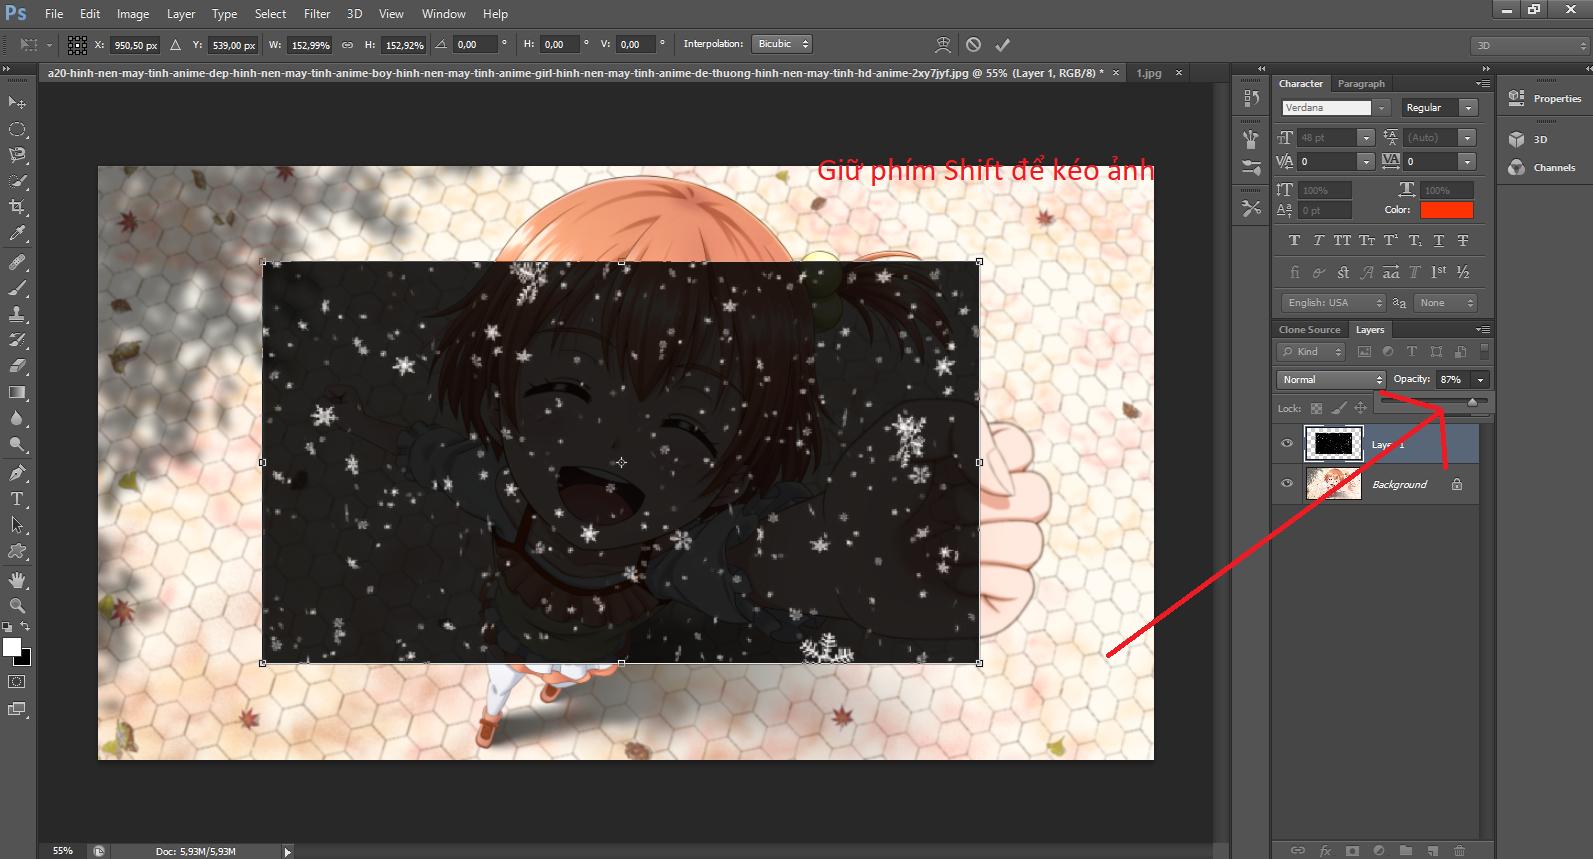 Bước 3: Sau khi căn chỉnh bông tuyết như ý, bạn click chọn hiệu ứng Screen để lọc các vùng màu đen và giữ các bông tuyết trên ảnh.